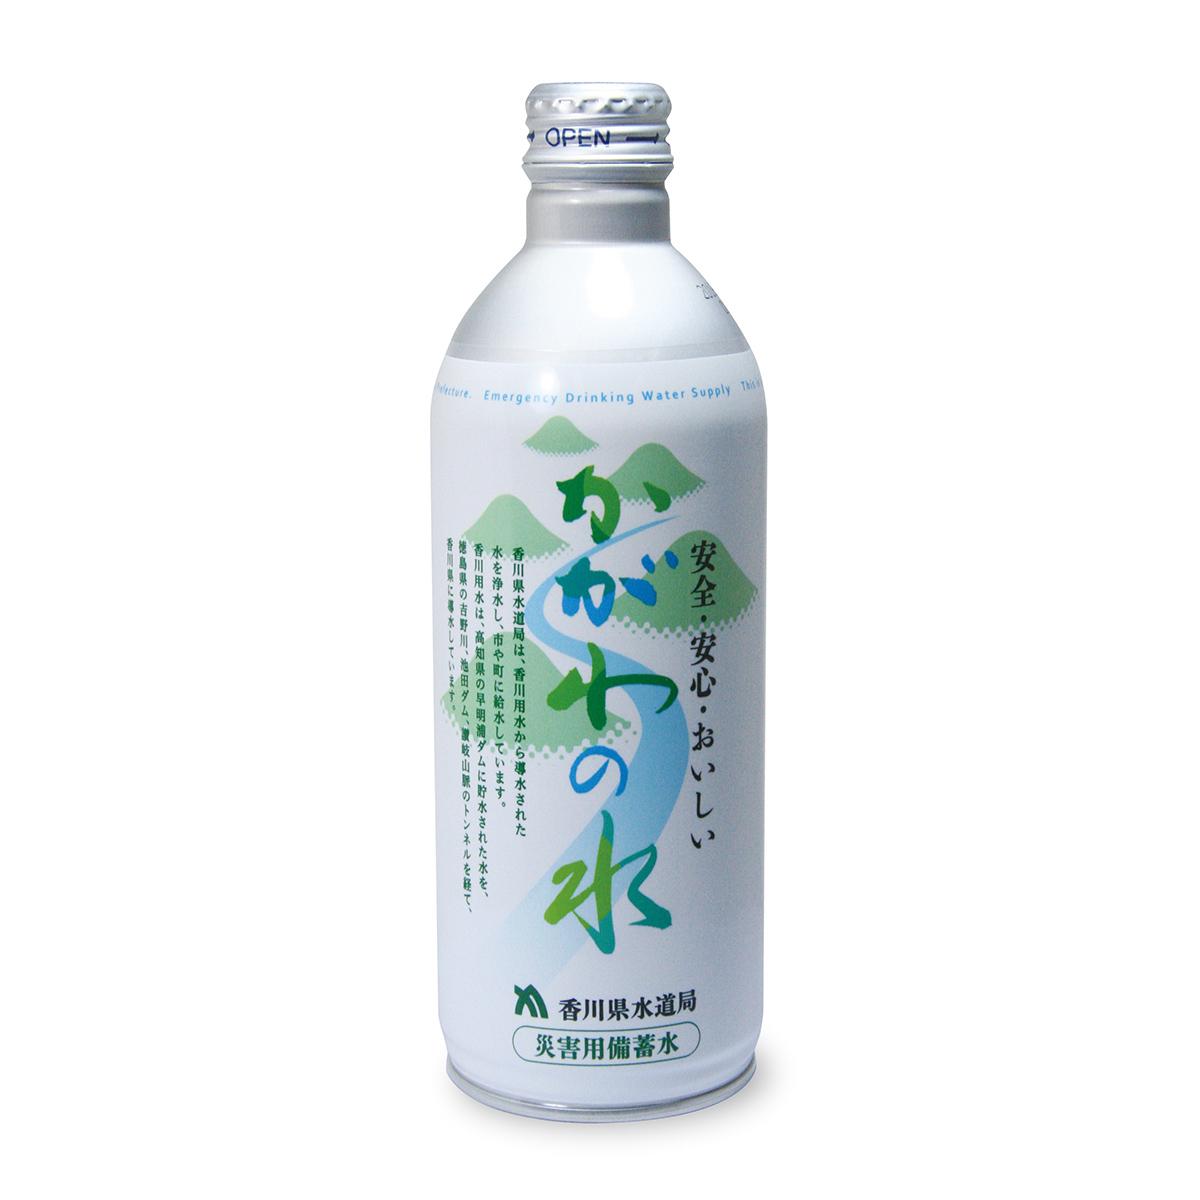 香川県水道局 かがわの水 パッケージ